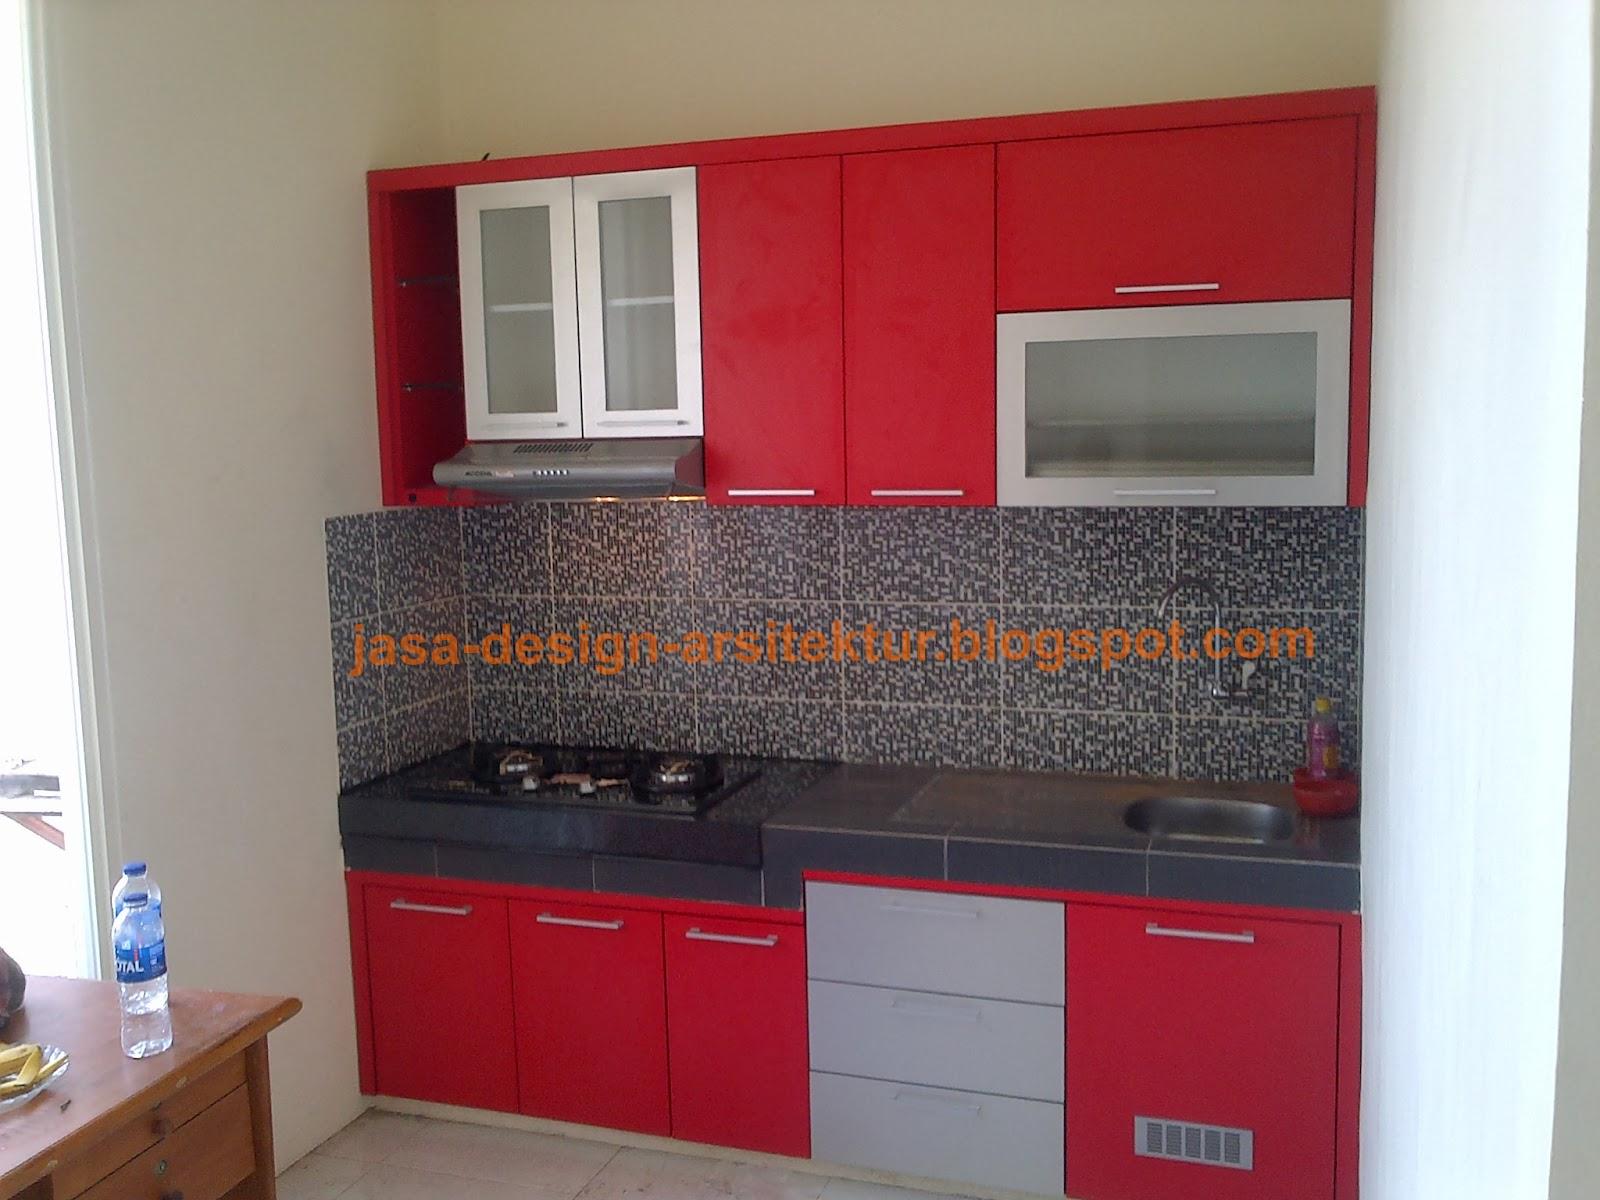 Kontraktor interior surabaya sidoarjo kitchen set warna merah for Harga kitchen set stainless